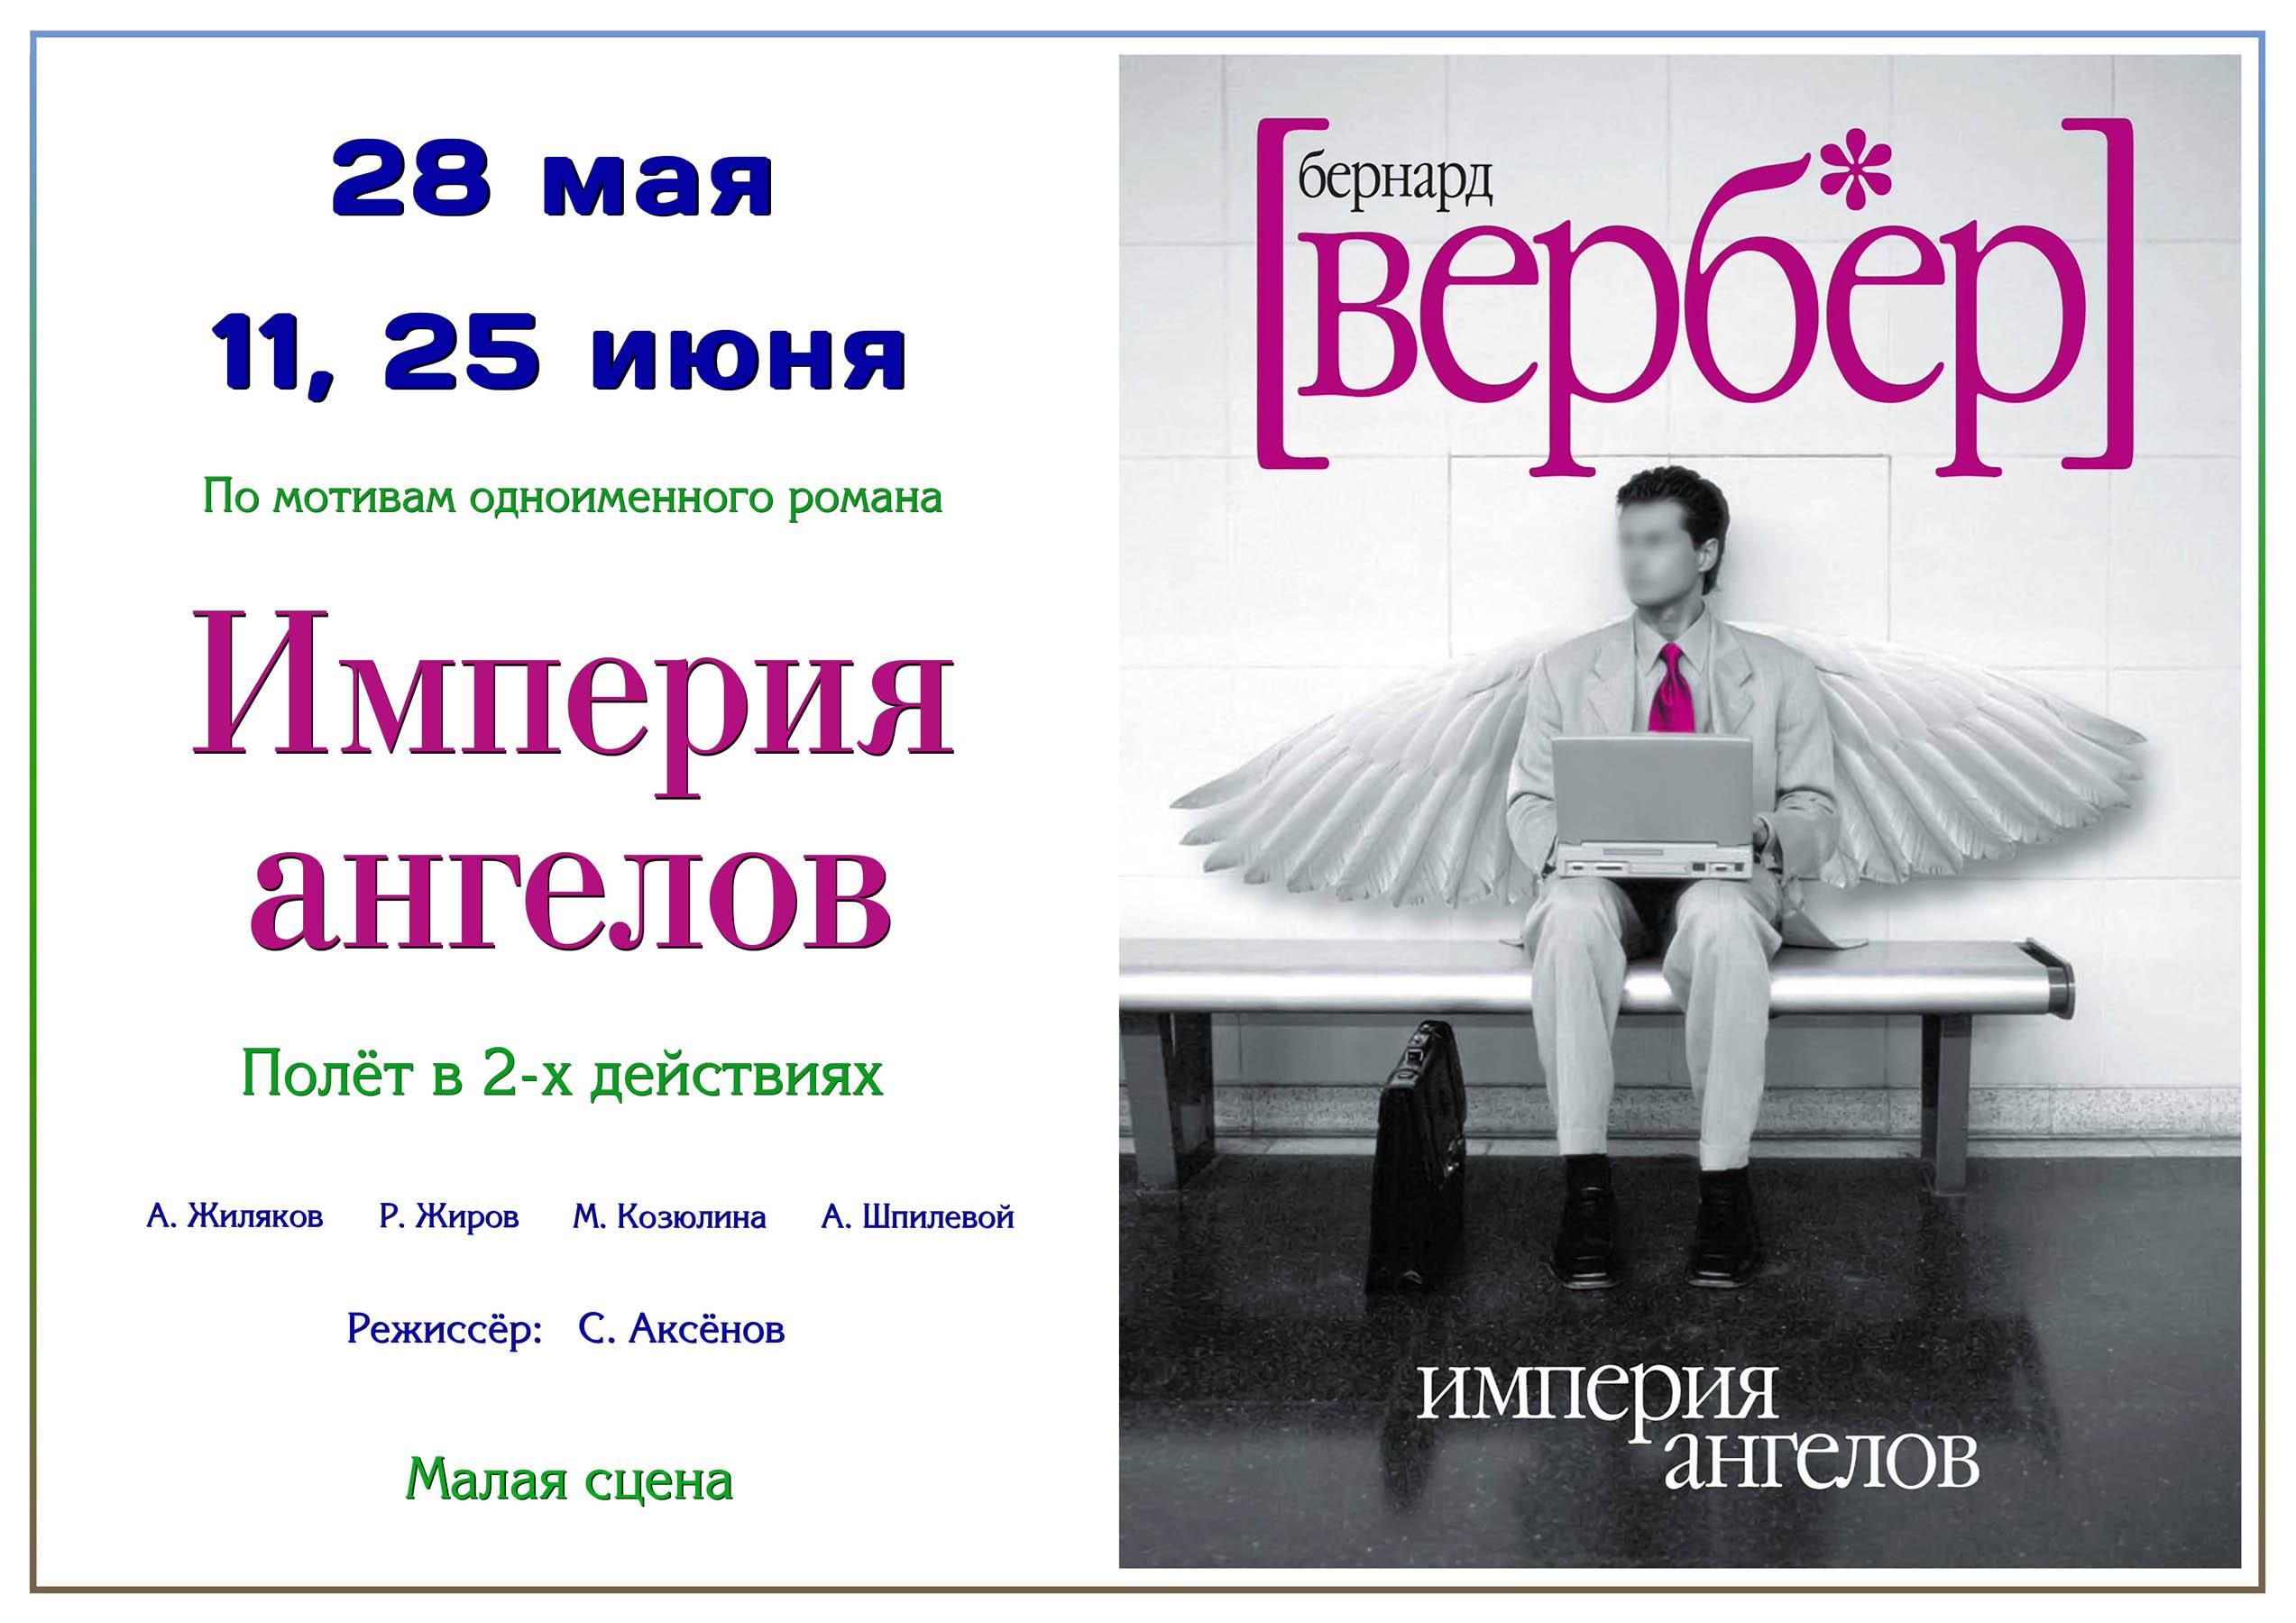 Империя ангелов спектакль харьков купить билет как купить билет на концерт 30 seconds to mars